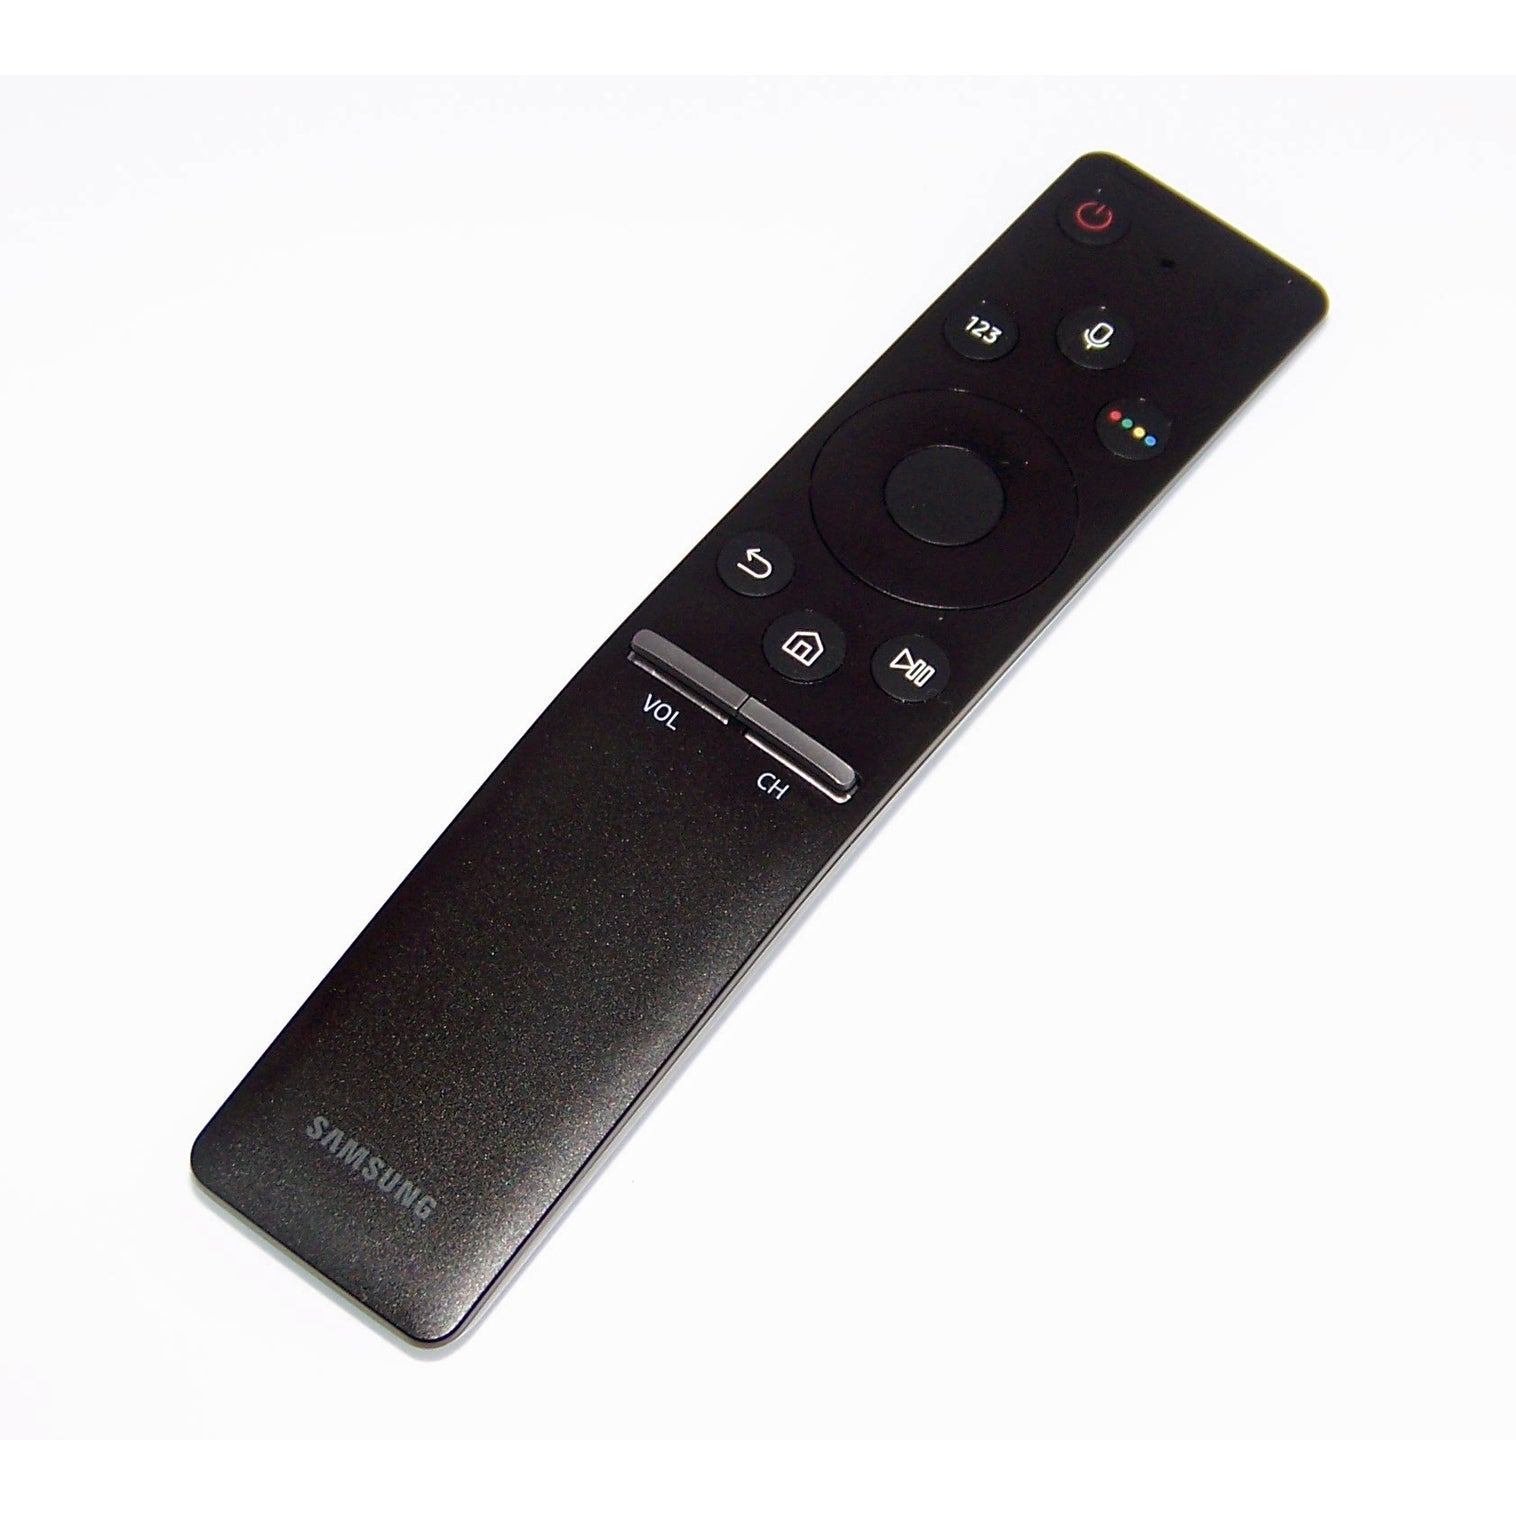 New Replaced Remote Control Fit For Samsung UN46B7000 LN37B650 LN37B650T1F LN40B630 PLASMA TV